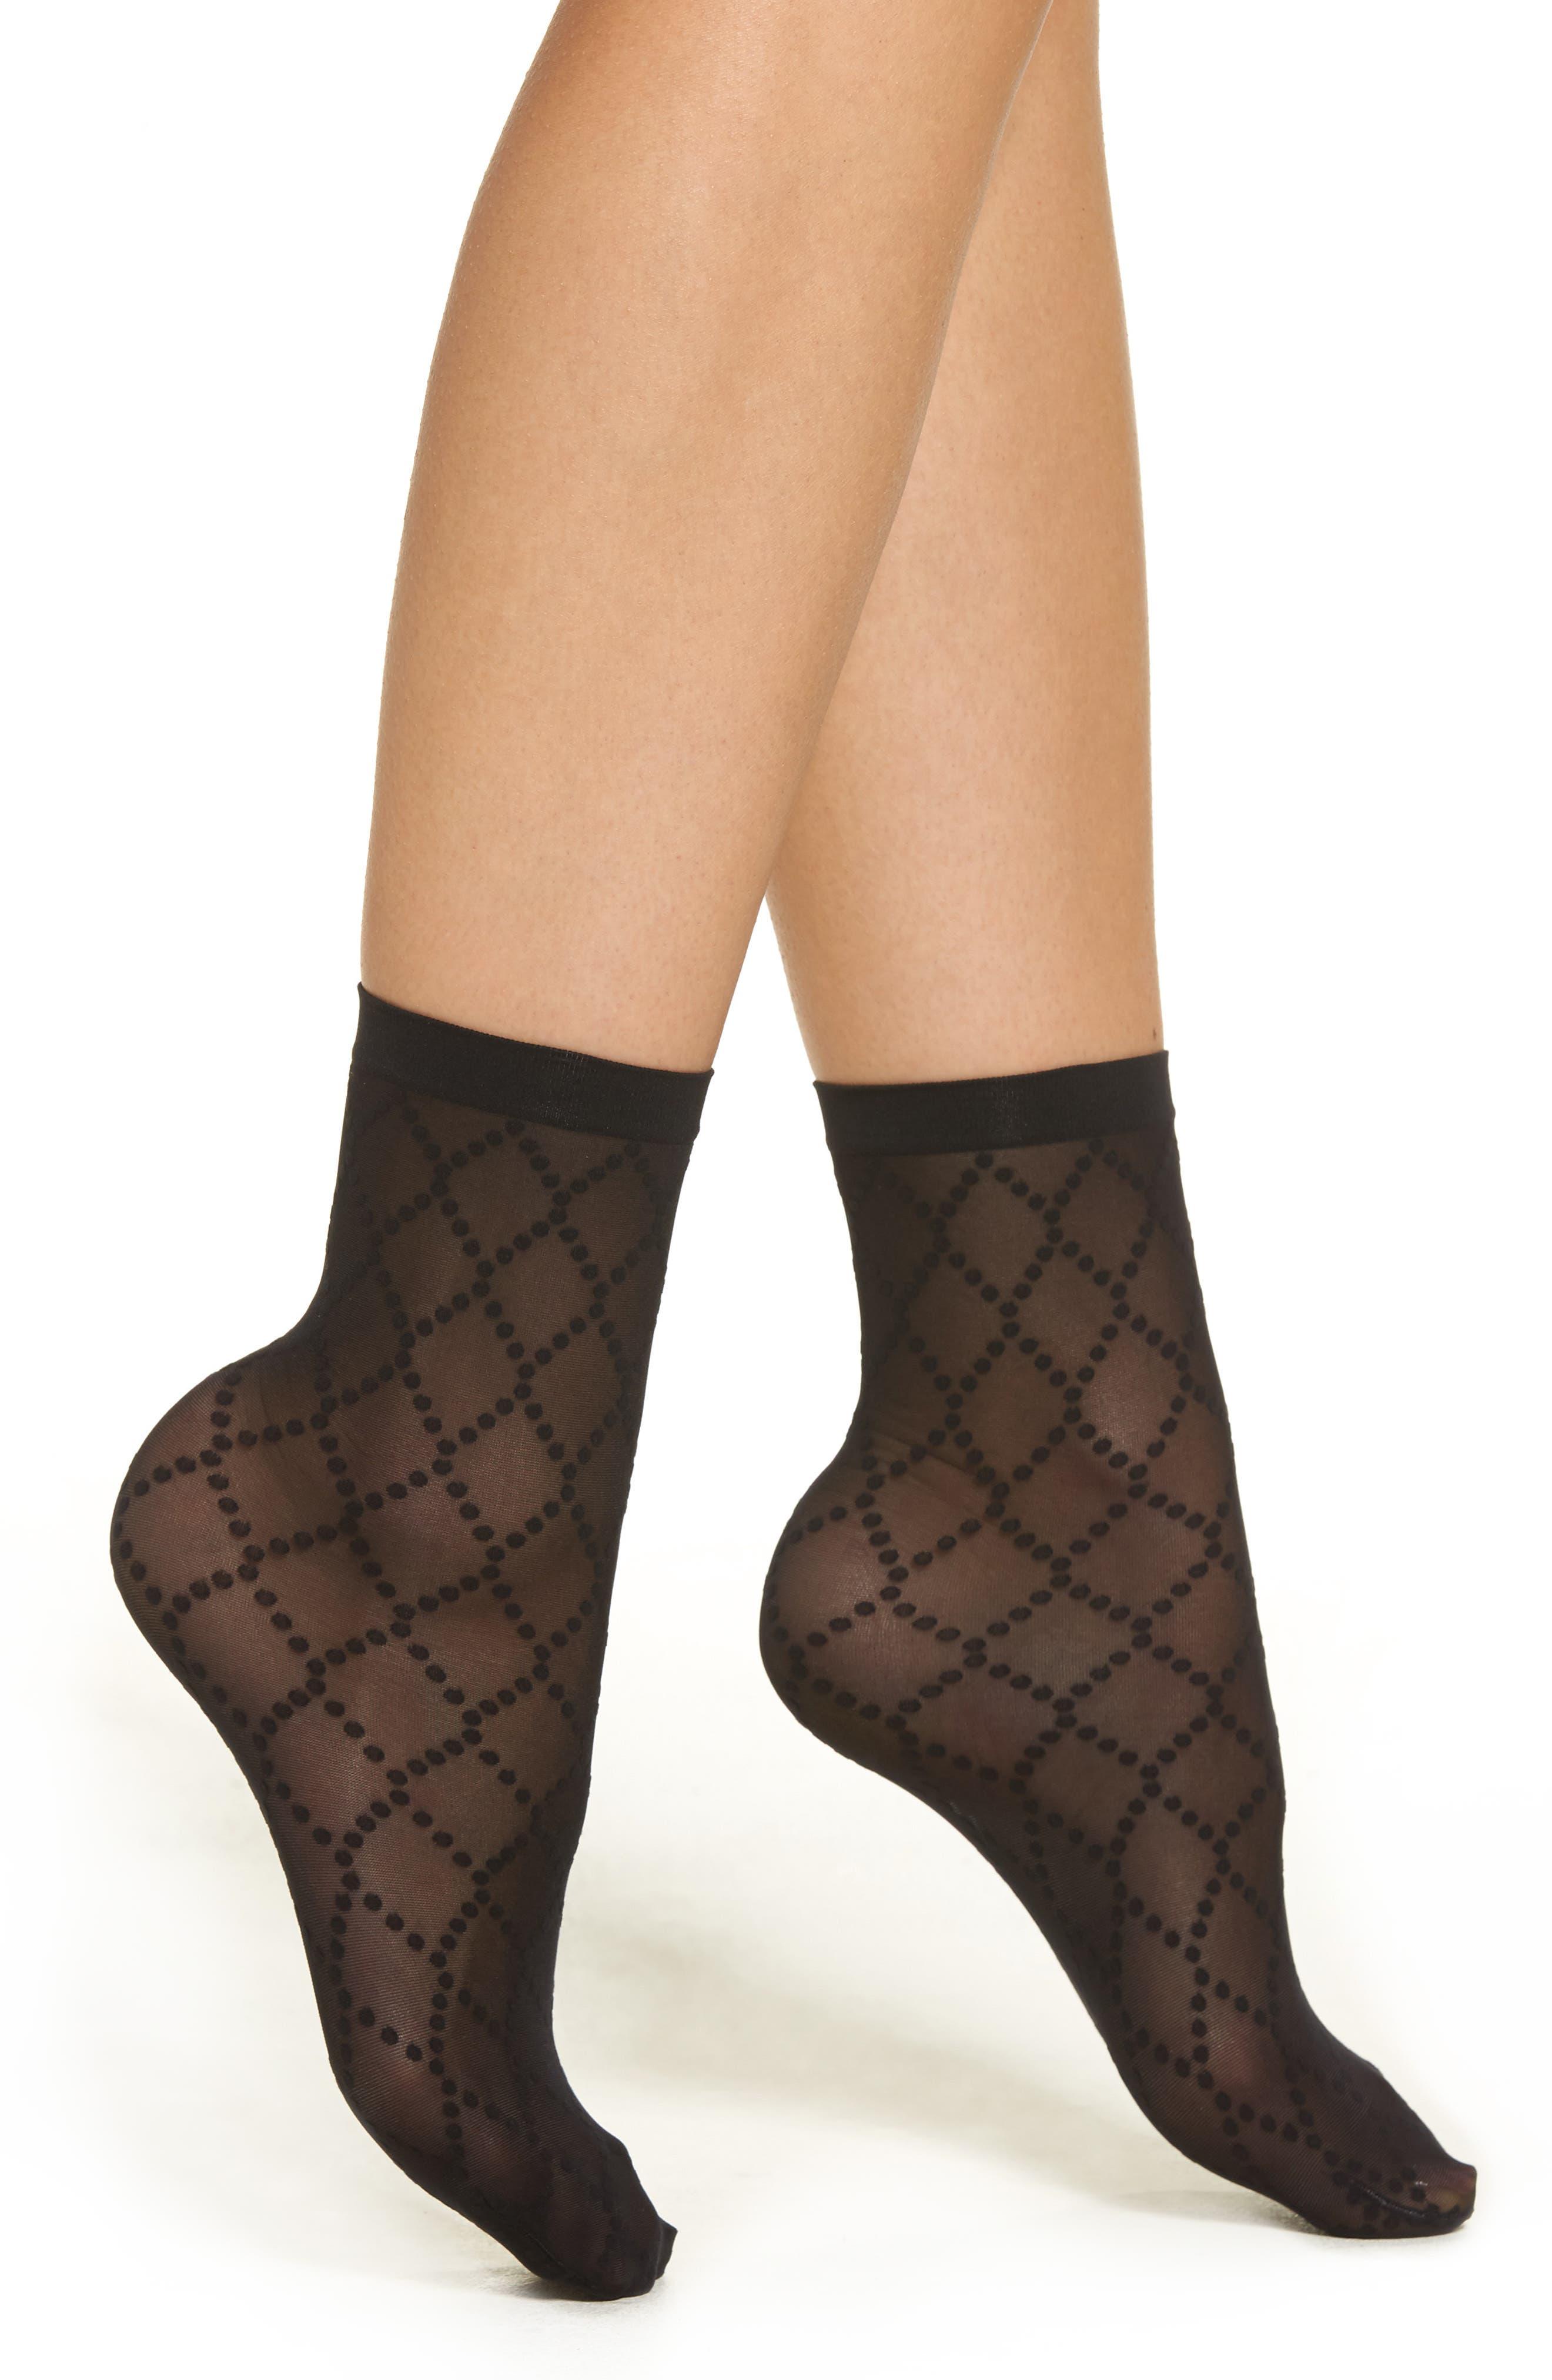 Dot Mesh Trouser Socks,                         Main,                         color,